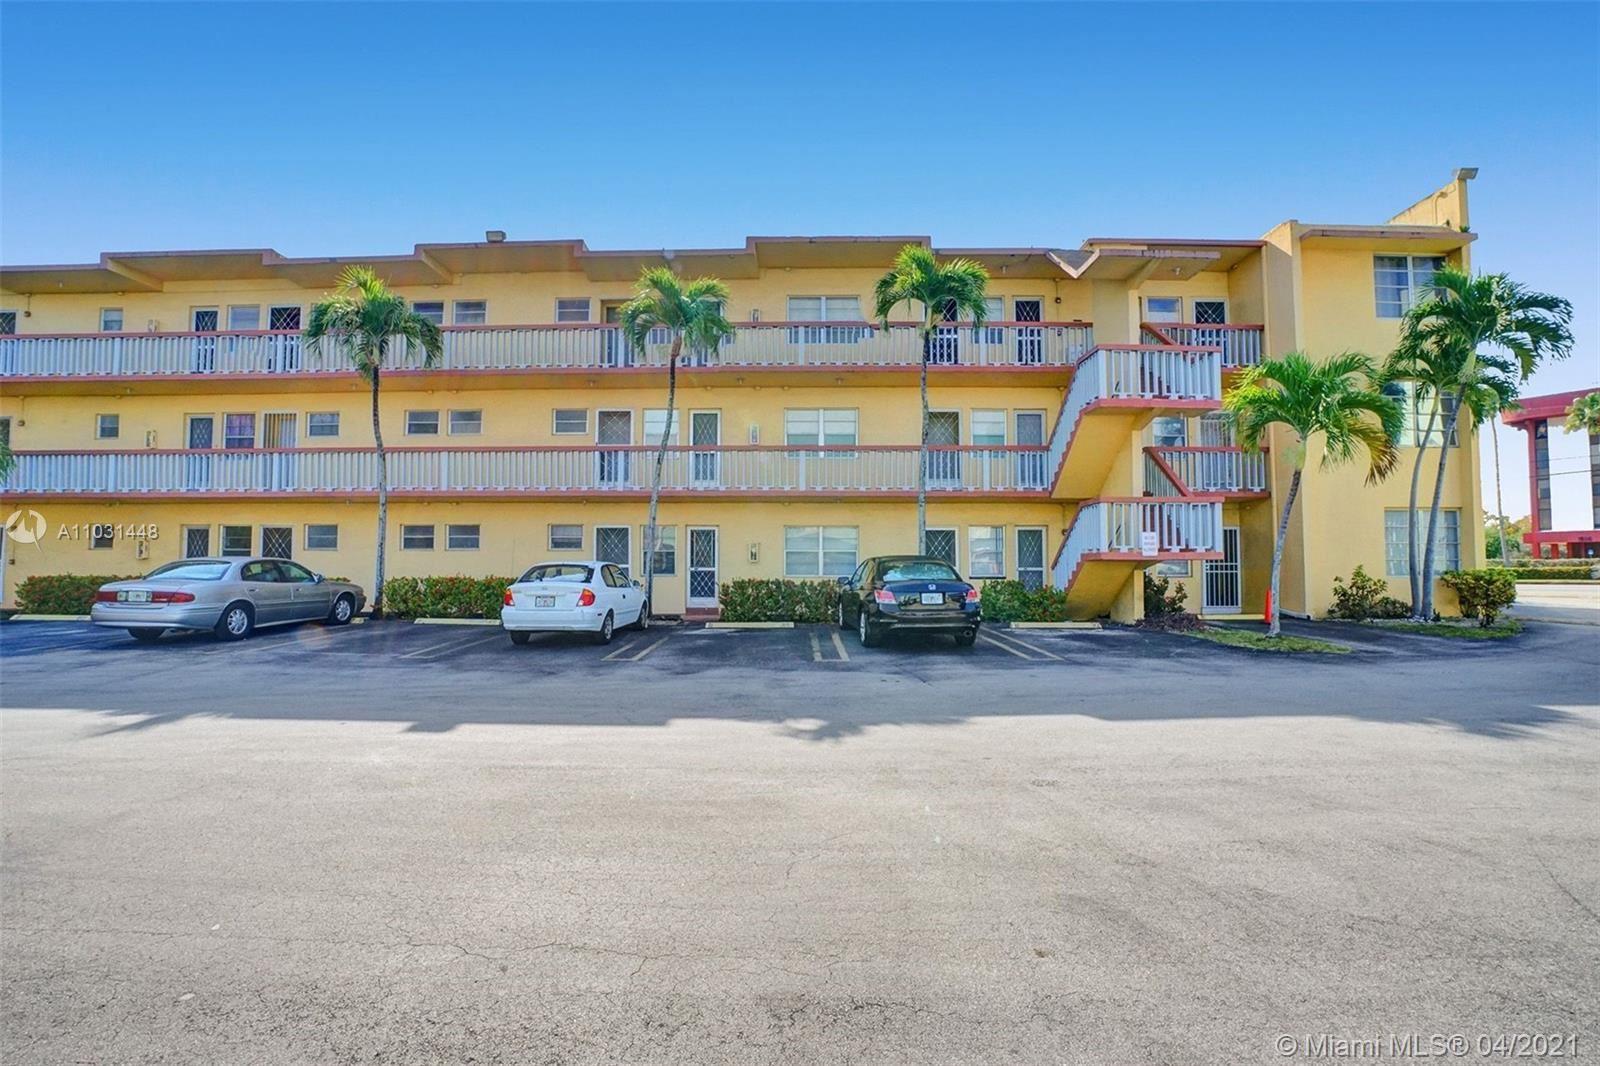 1551 NE Miami Gardens Dr #330, Miami, FL 33179 - #: A11031448